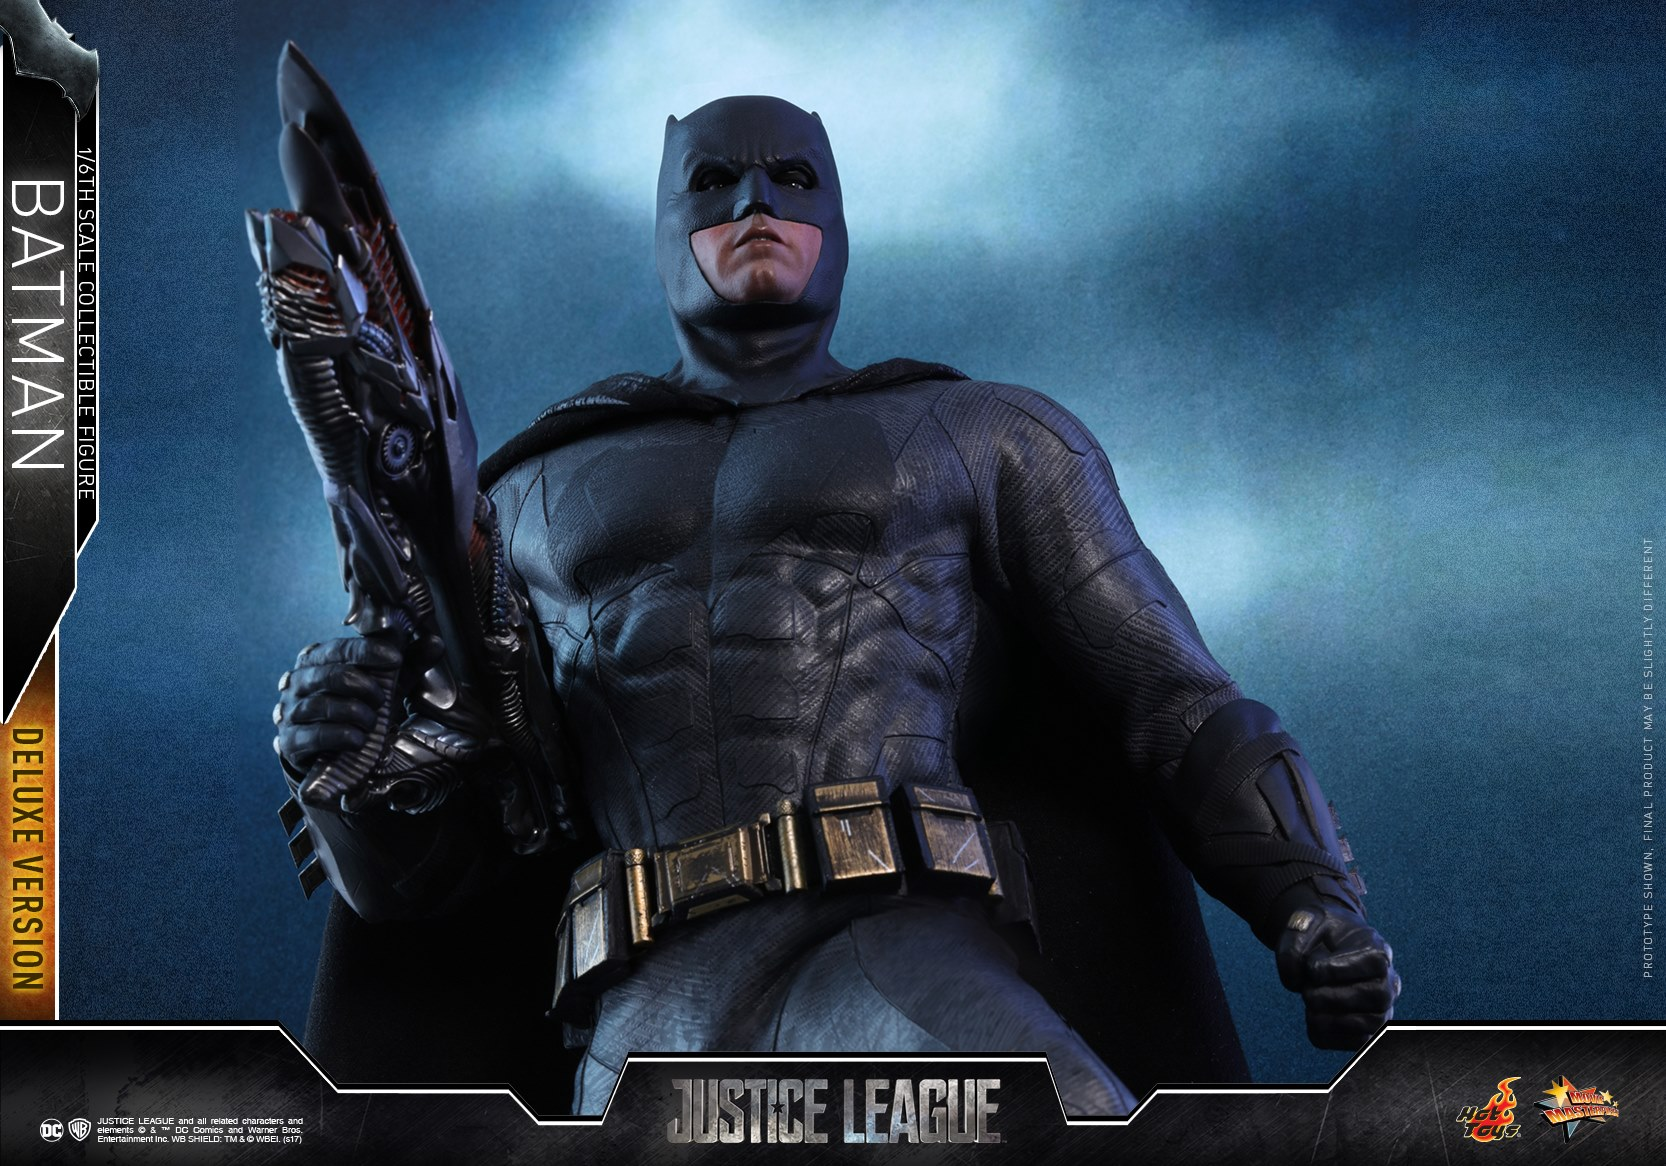 Hot-Toys-Deluxe-Batman-Justice-League-015